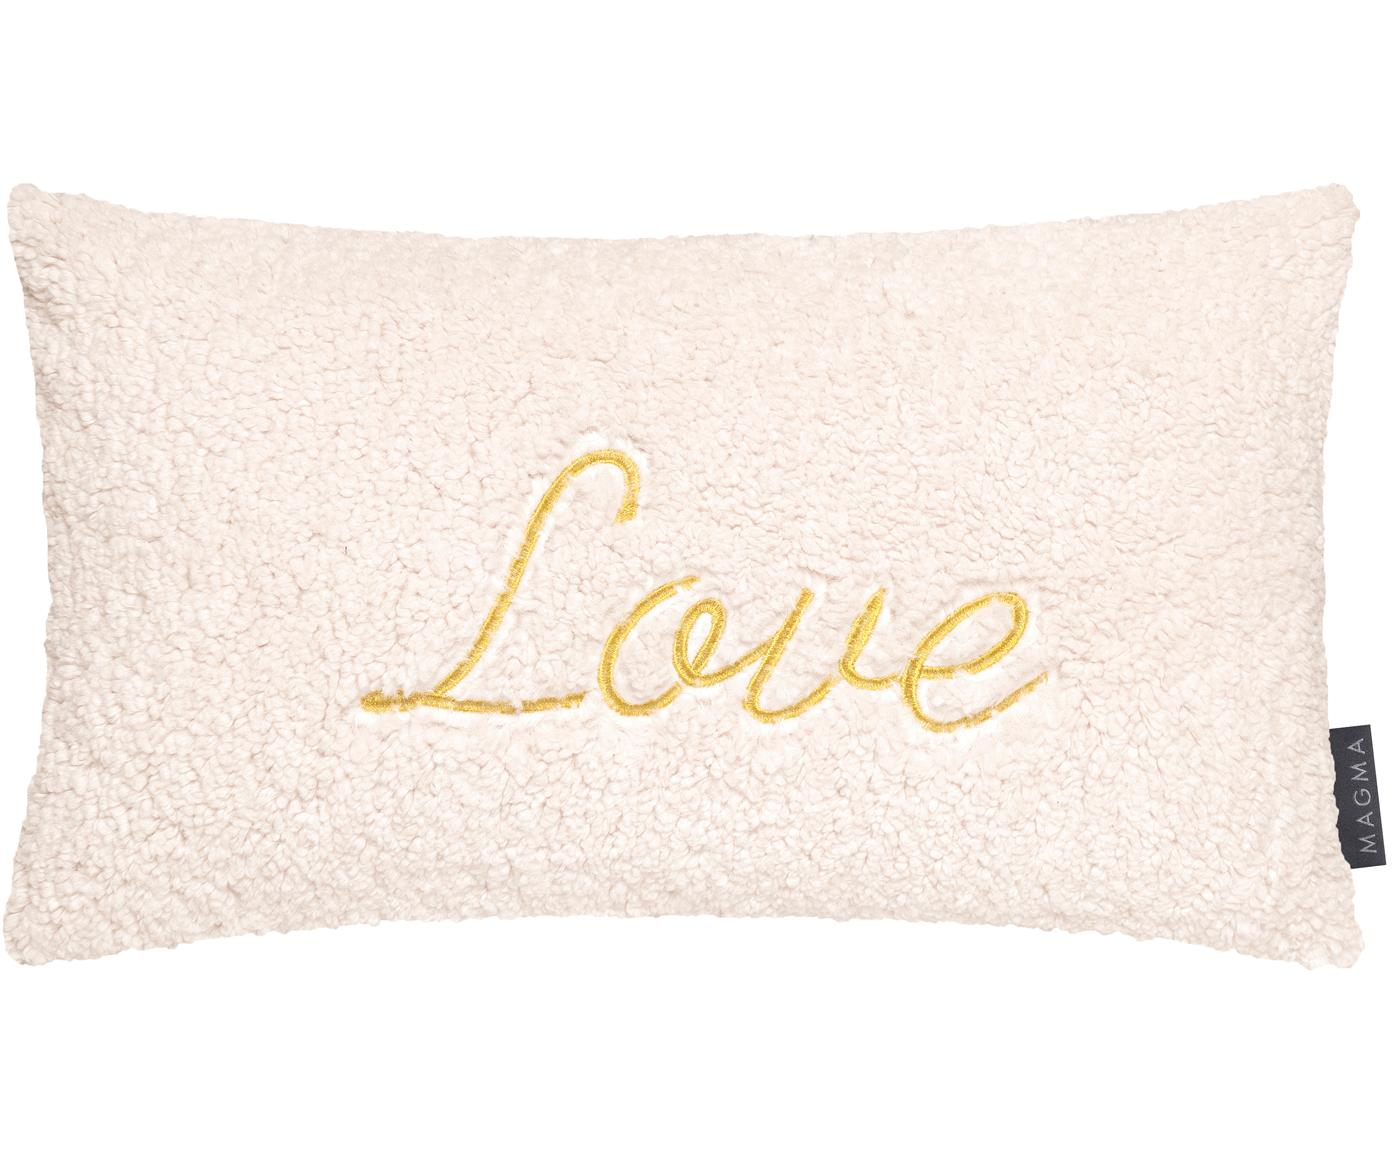 Federa arredo soffice con scritta dorata Bina, Retro: poliestere (imitazione pe, Avorio, dorato, beige, Larg. 30 x Lung. 50 cm